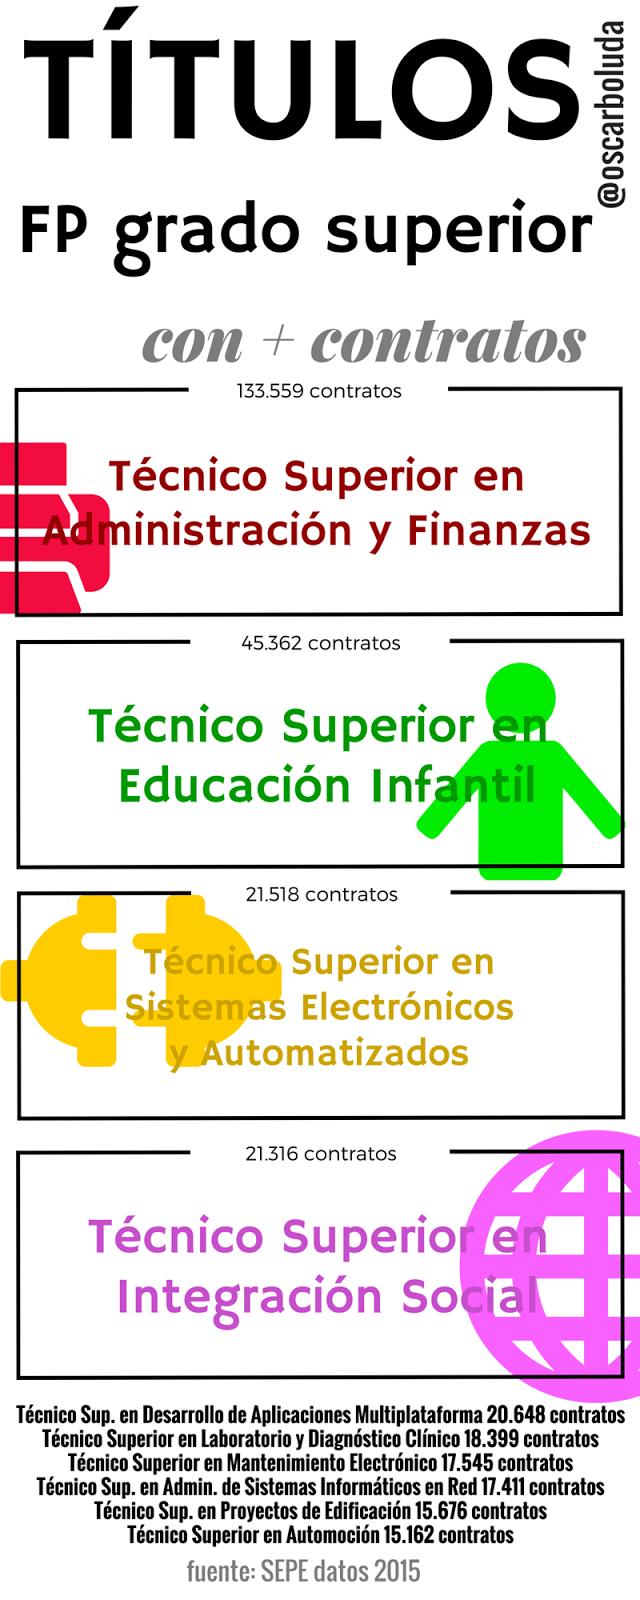 ciclos grado superior más empleo fp formación profesional